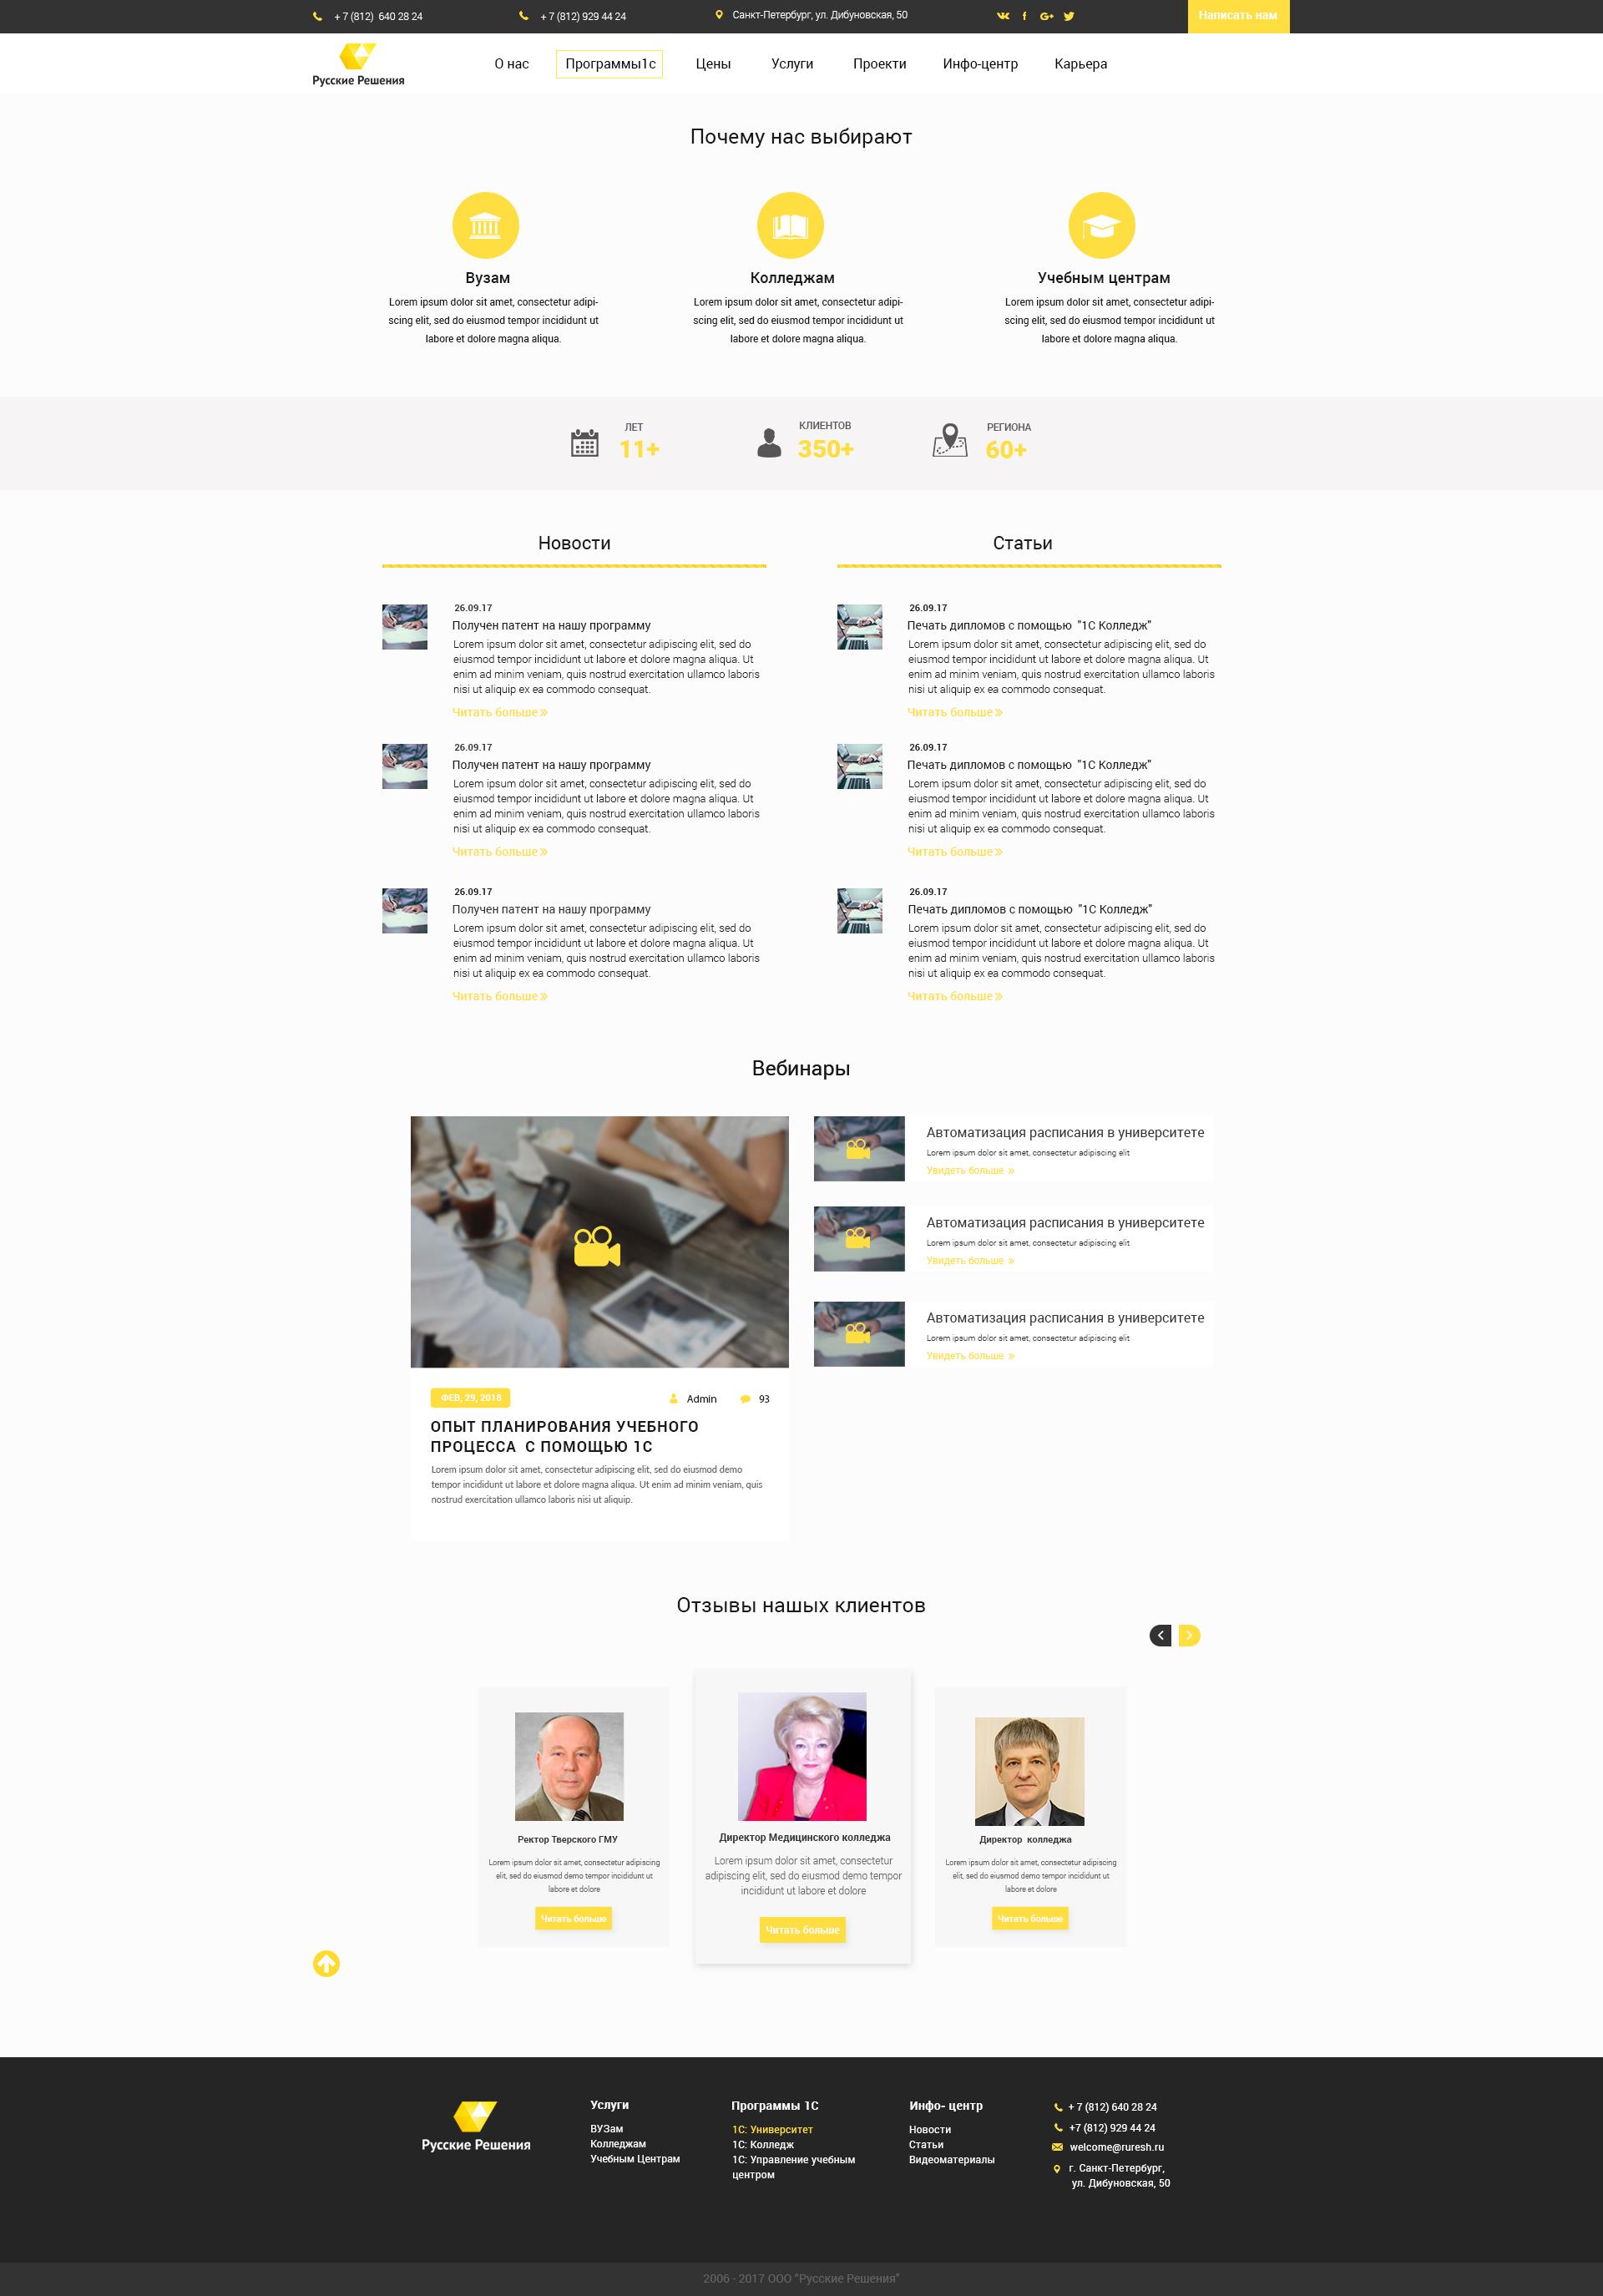 Дизайн главной страницы сайта фото f_8435a5cfd4a6877b.jpg